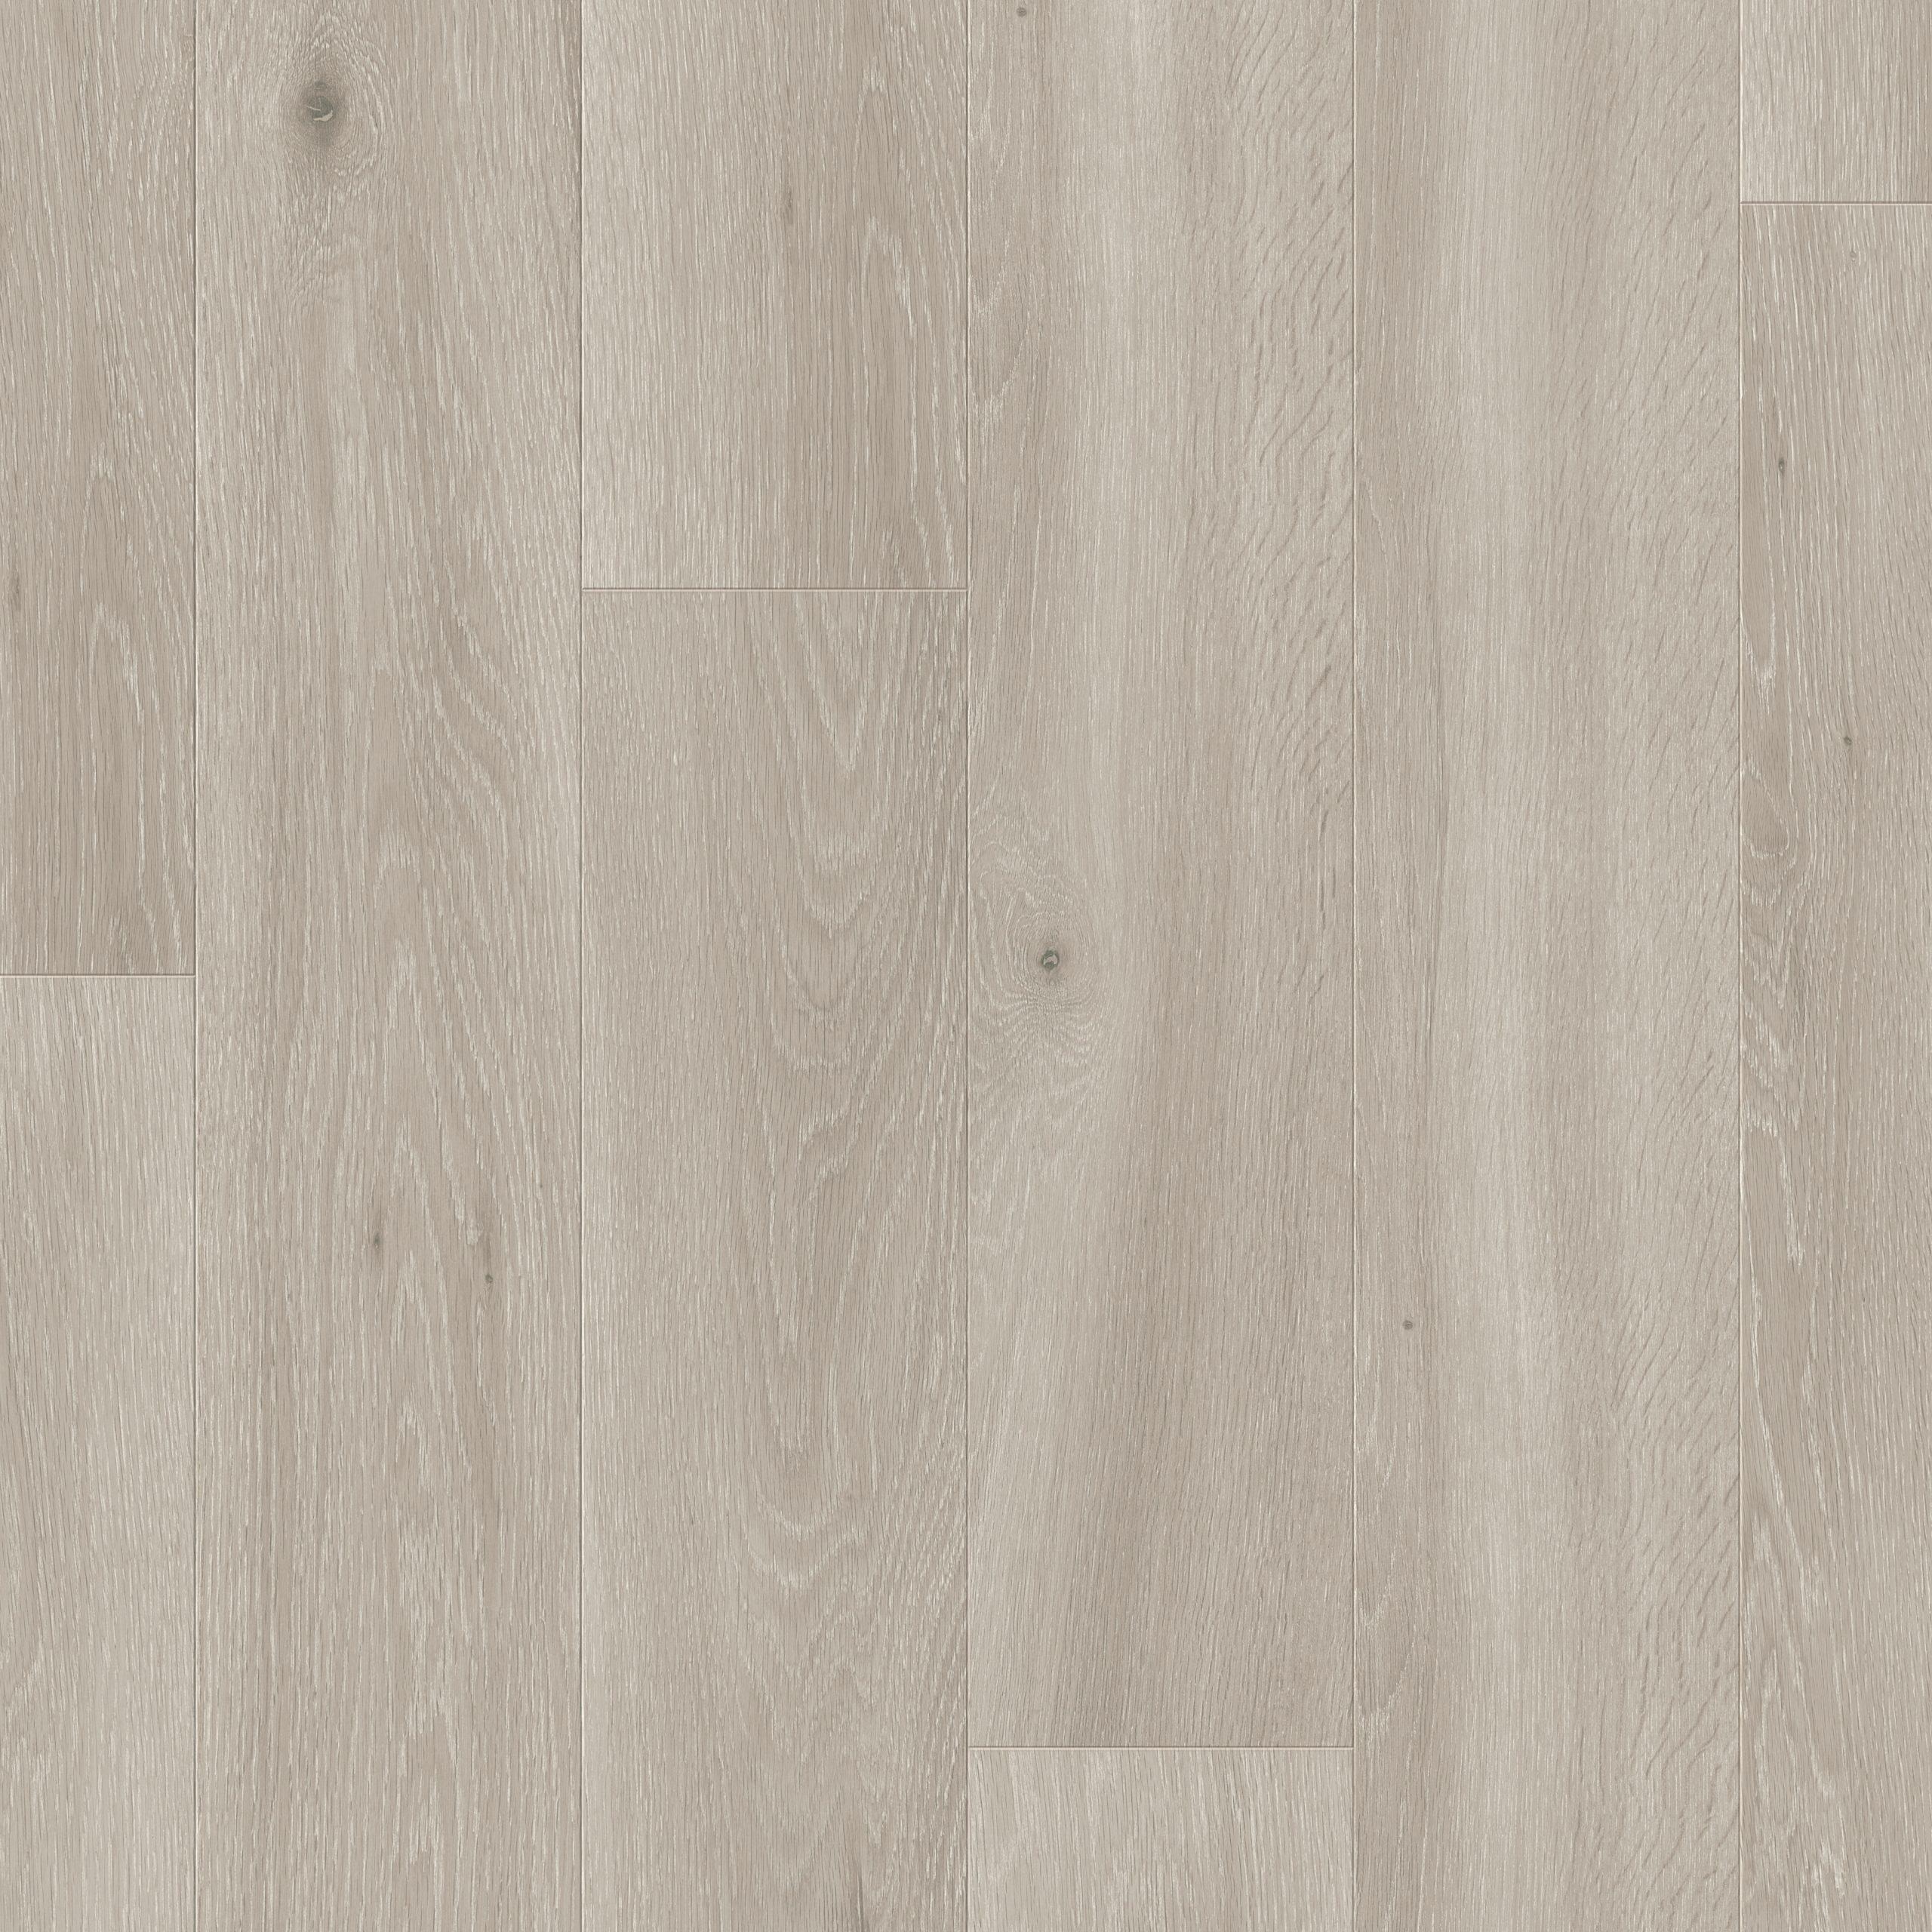 LPU1660_Topshot-Square HR